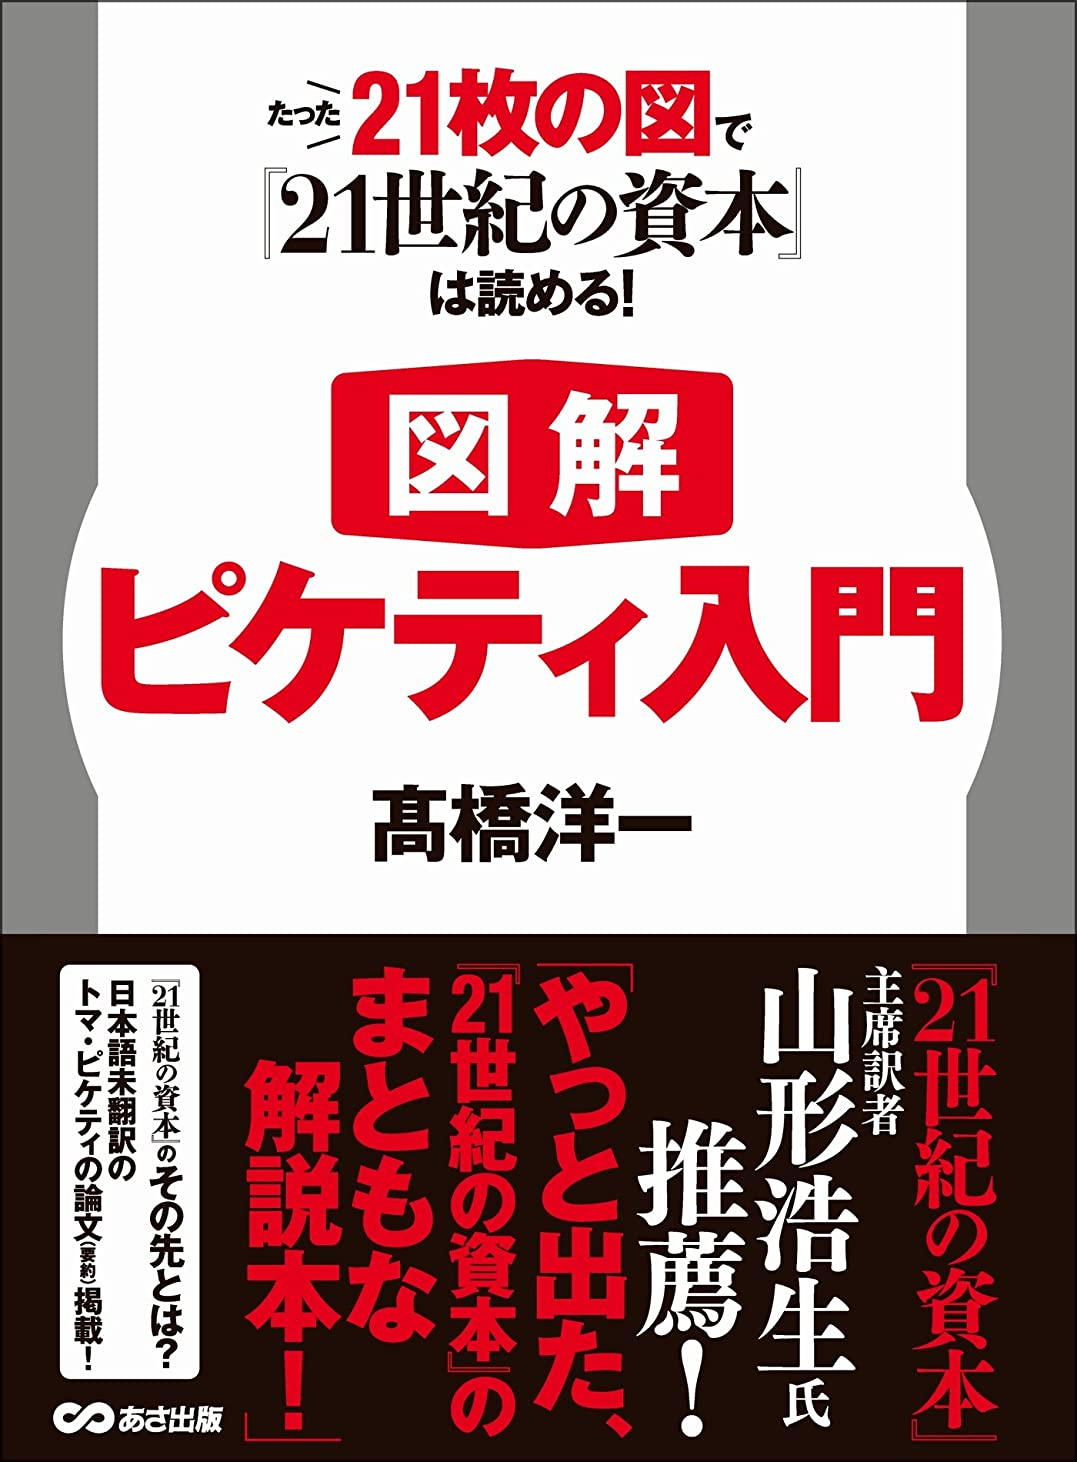 事前どこでも事【図解】ピケティ入門 たった21枚の図で『21世紀の資本』は読める!